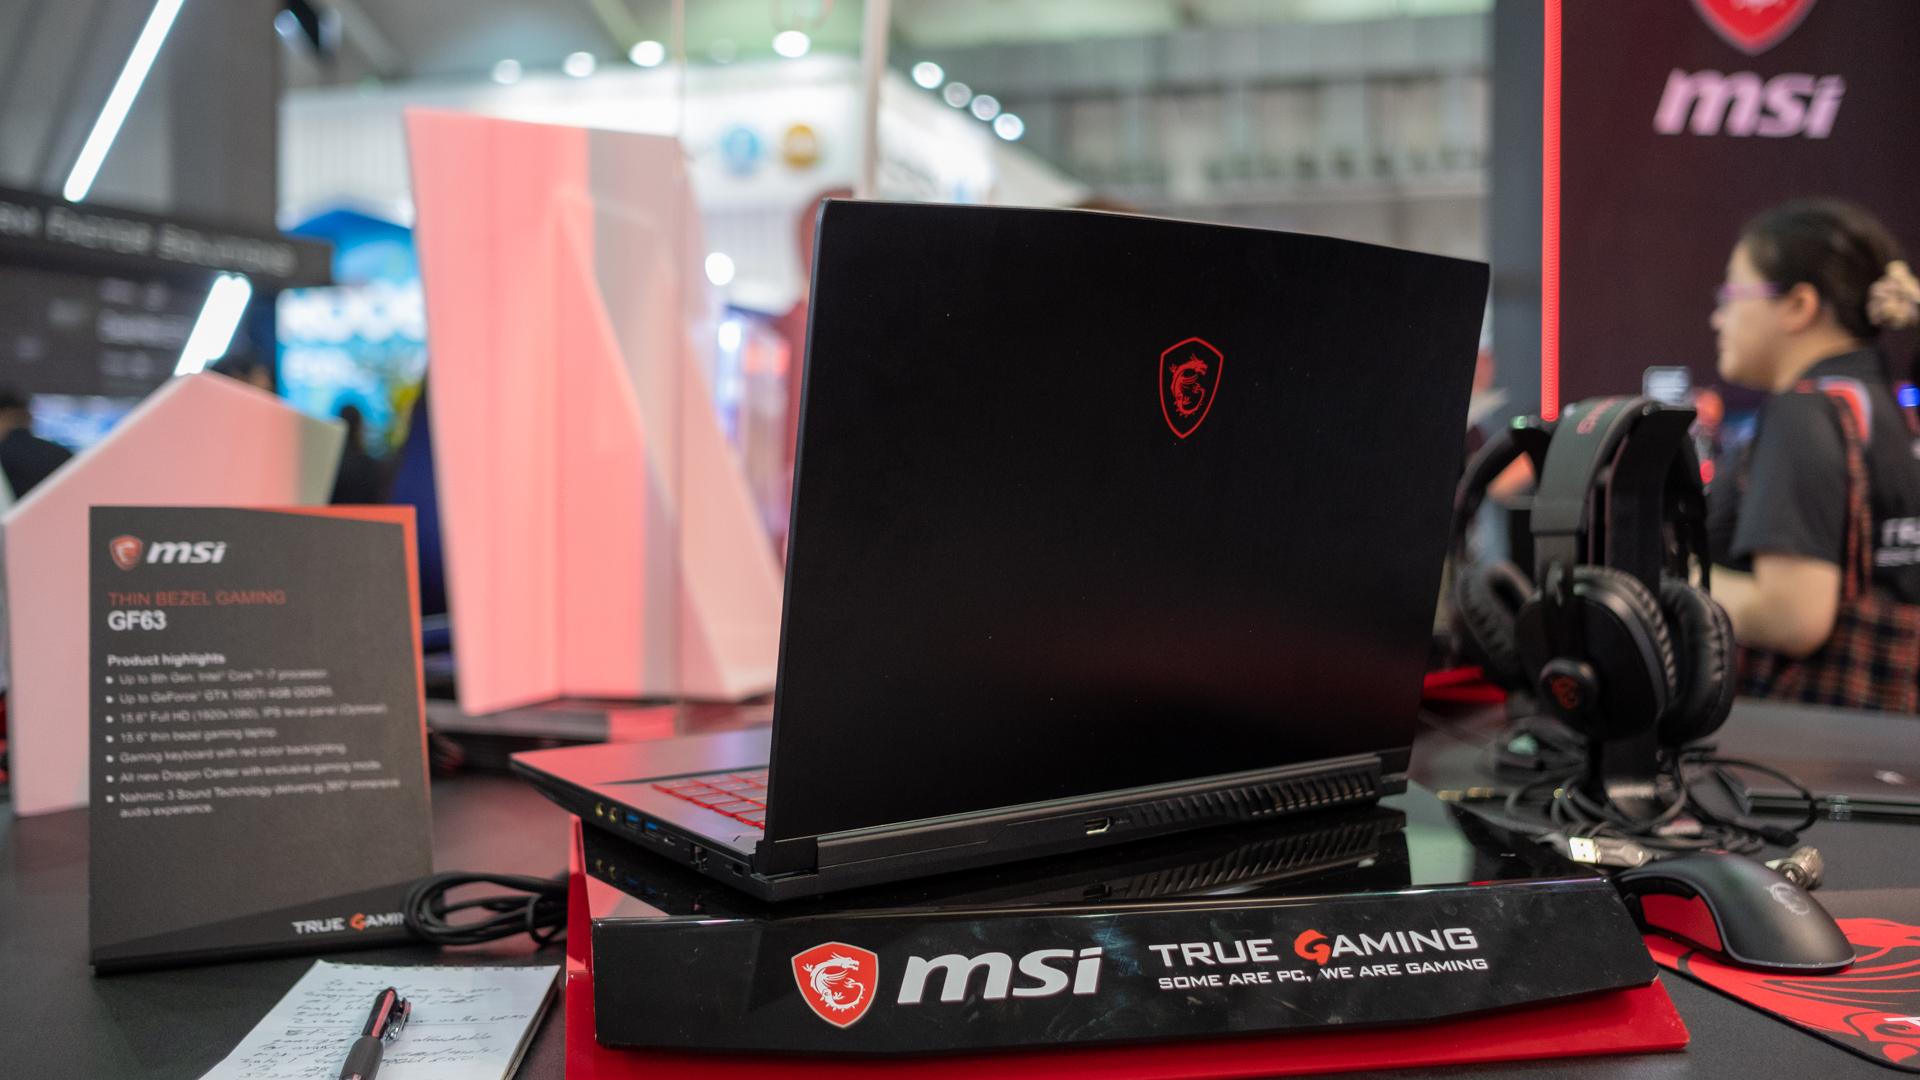 FpUjT4m8HoLxZeyoEawmY4 - Paling Terlaris, Laptop Khusus Gaming MSI GF63